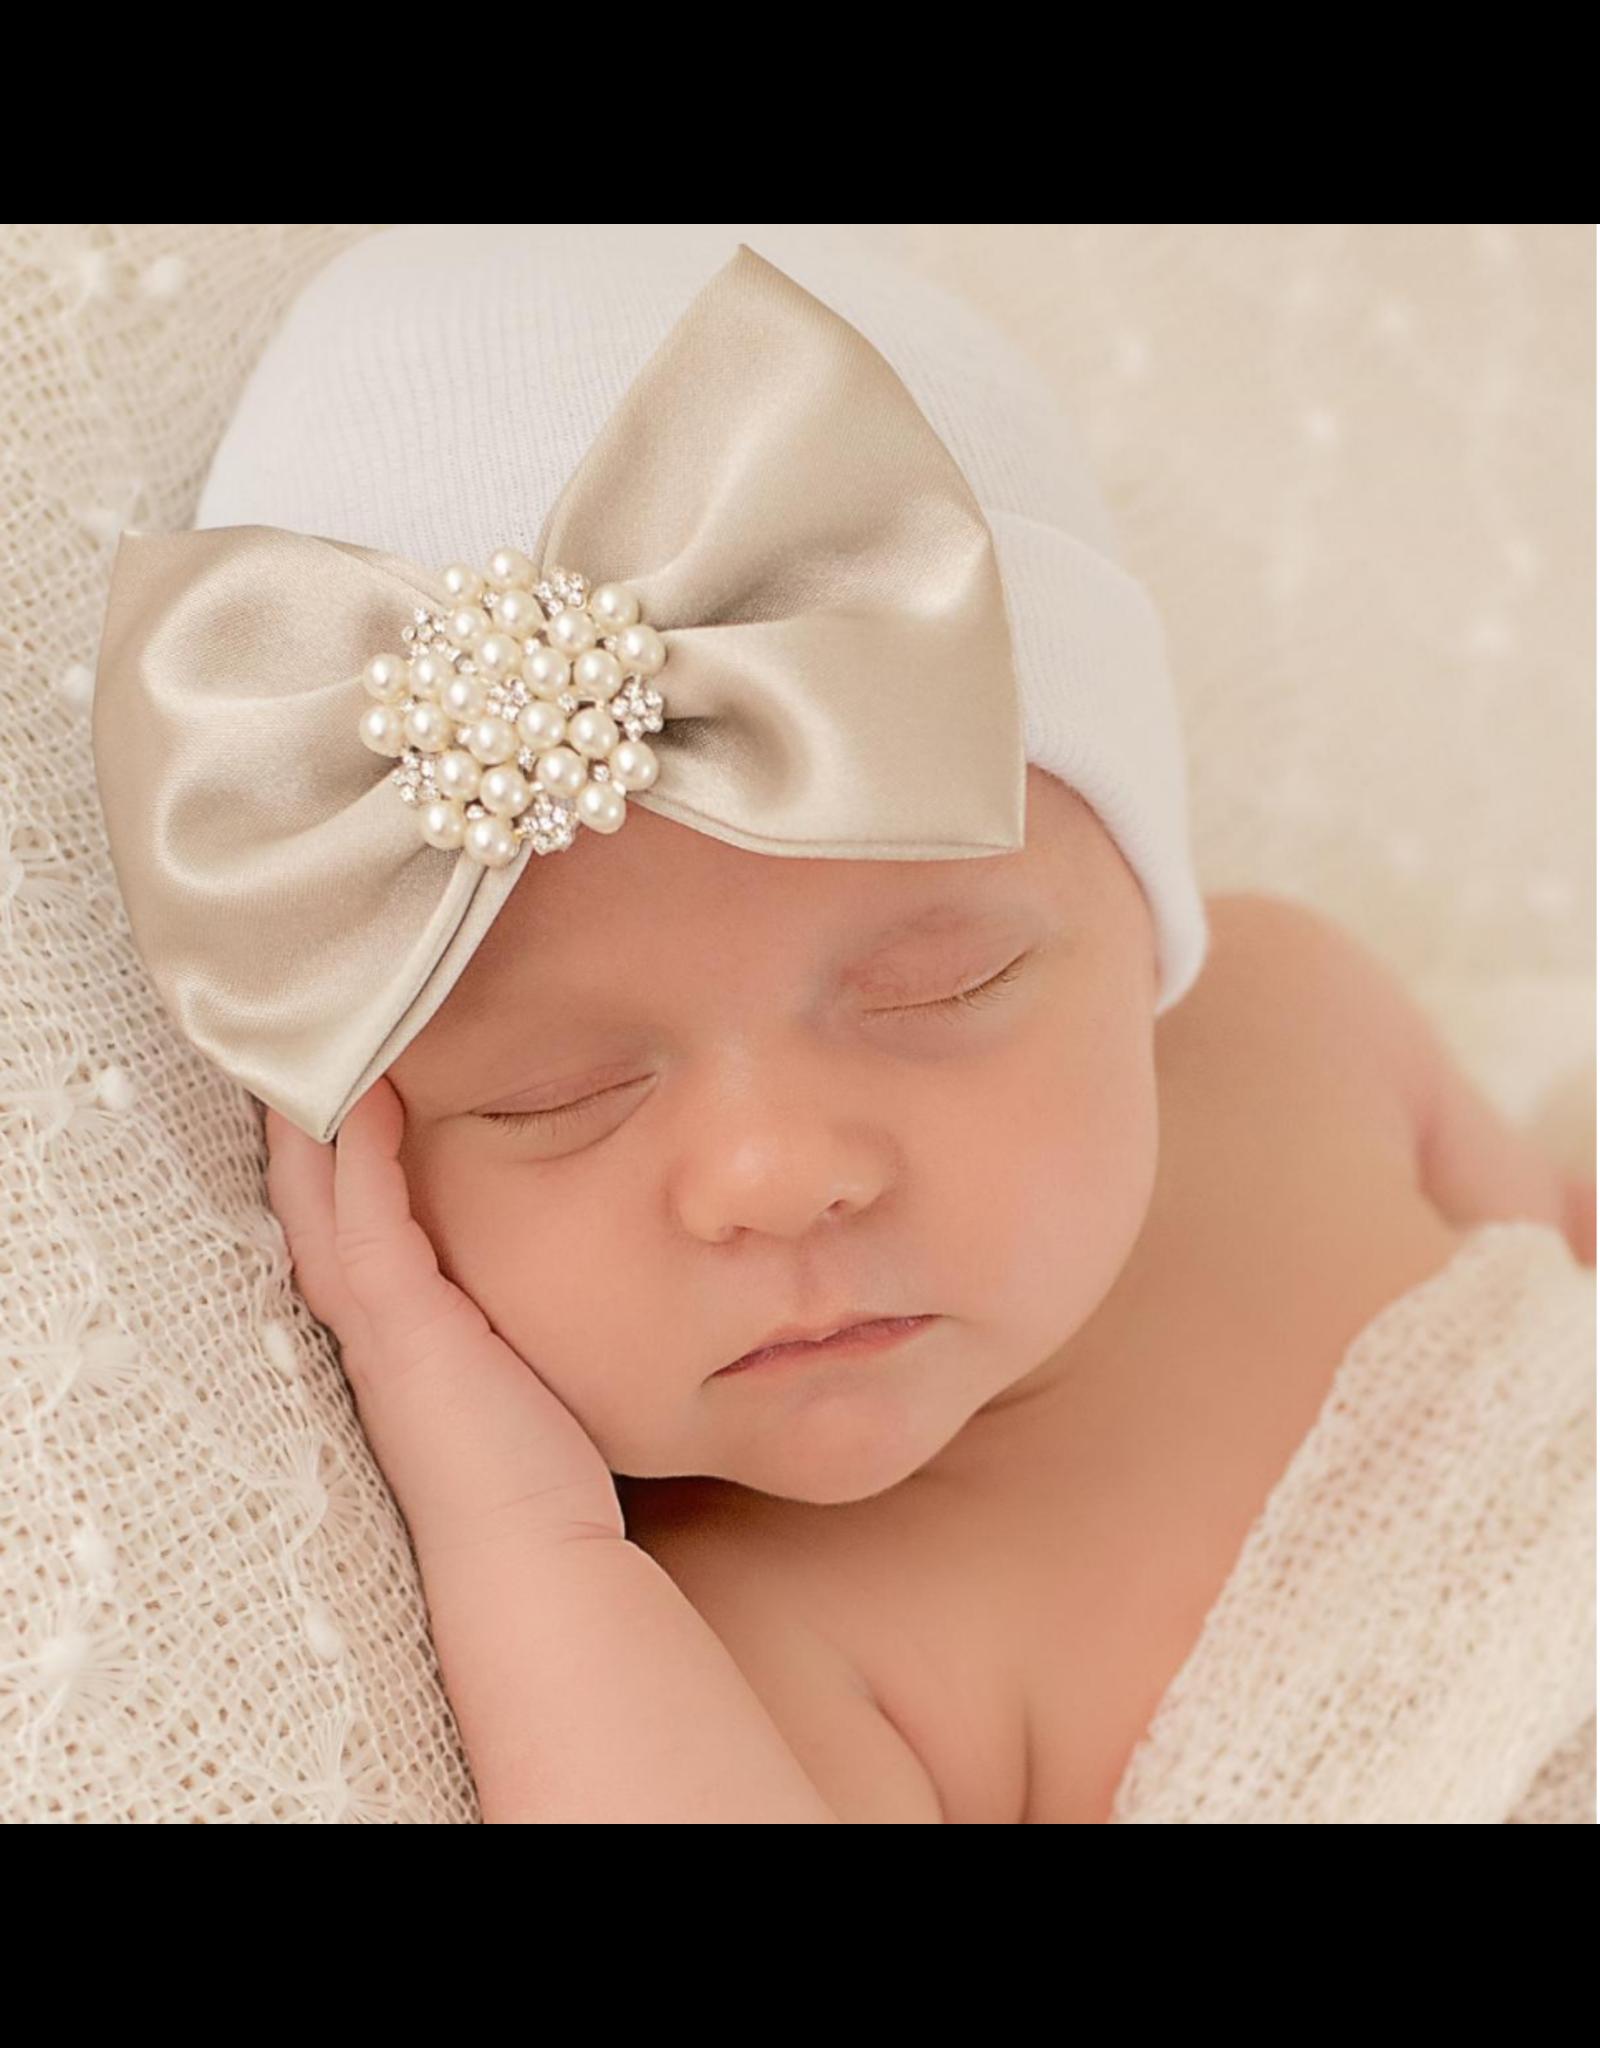 ILYBEAN Ilybean- Goldie Nursery Beanie